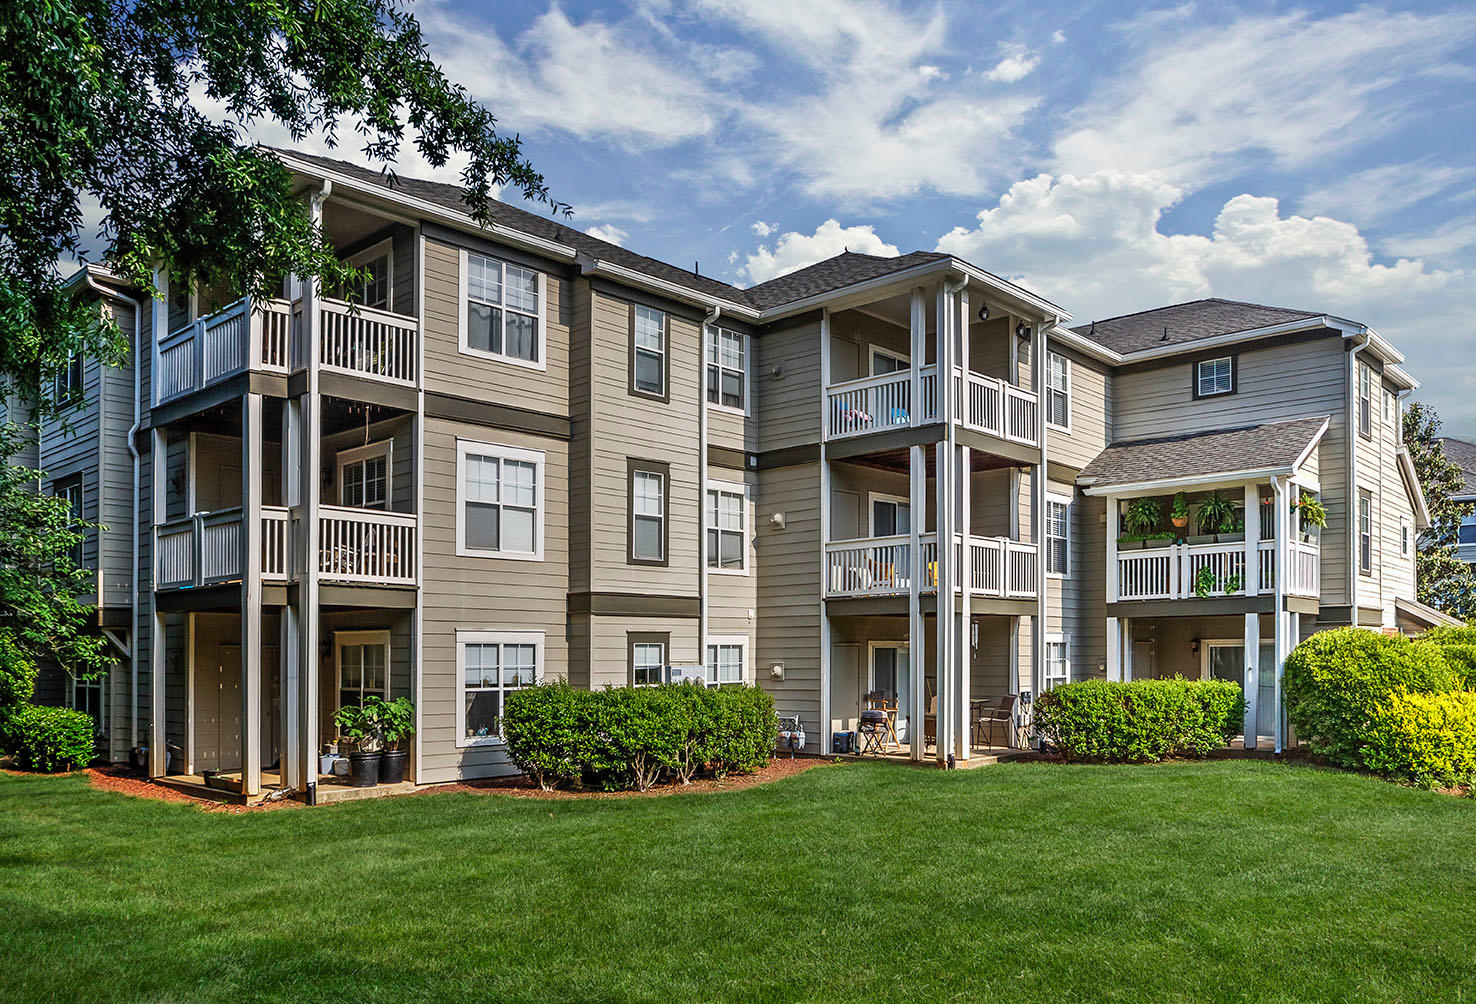 Camden Lake Pine Apartments image 23